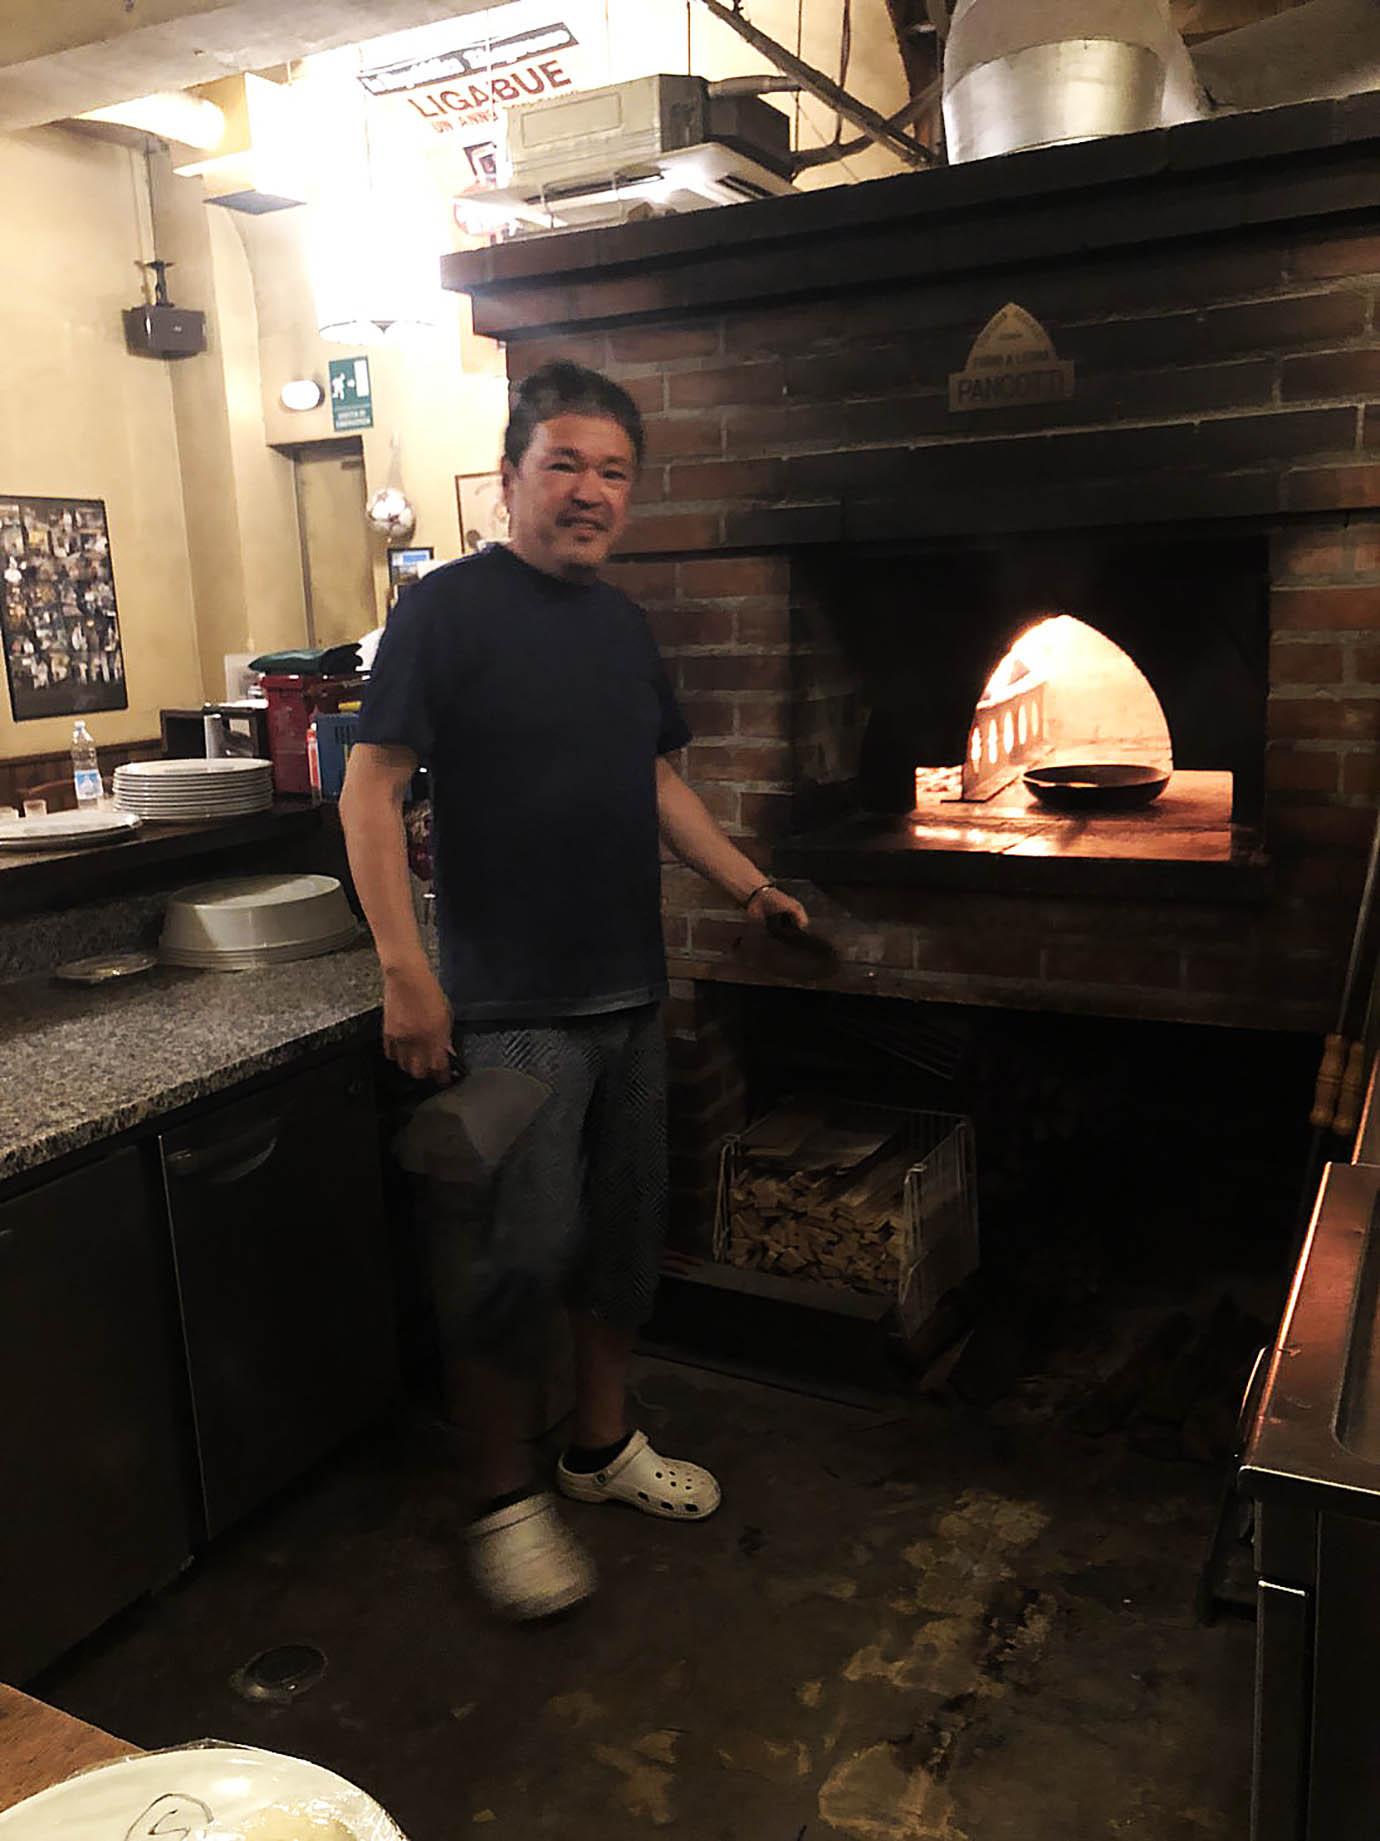 pizzeria-romana-ilpentito-pizza32